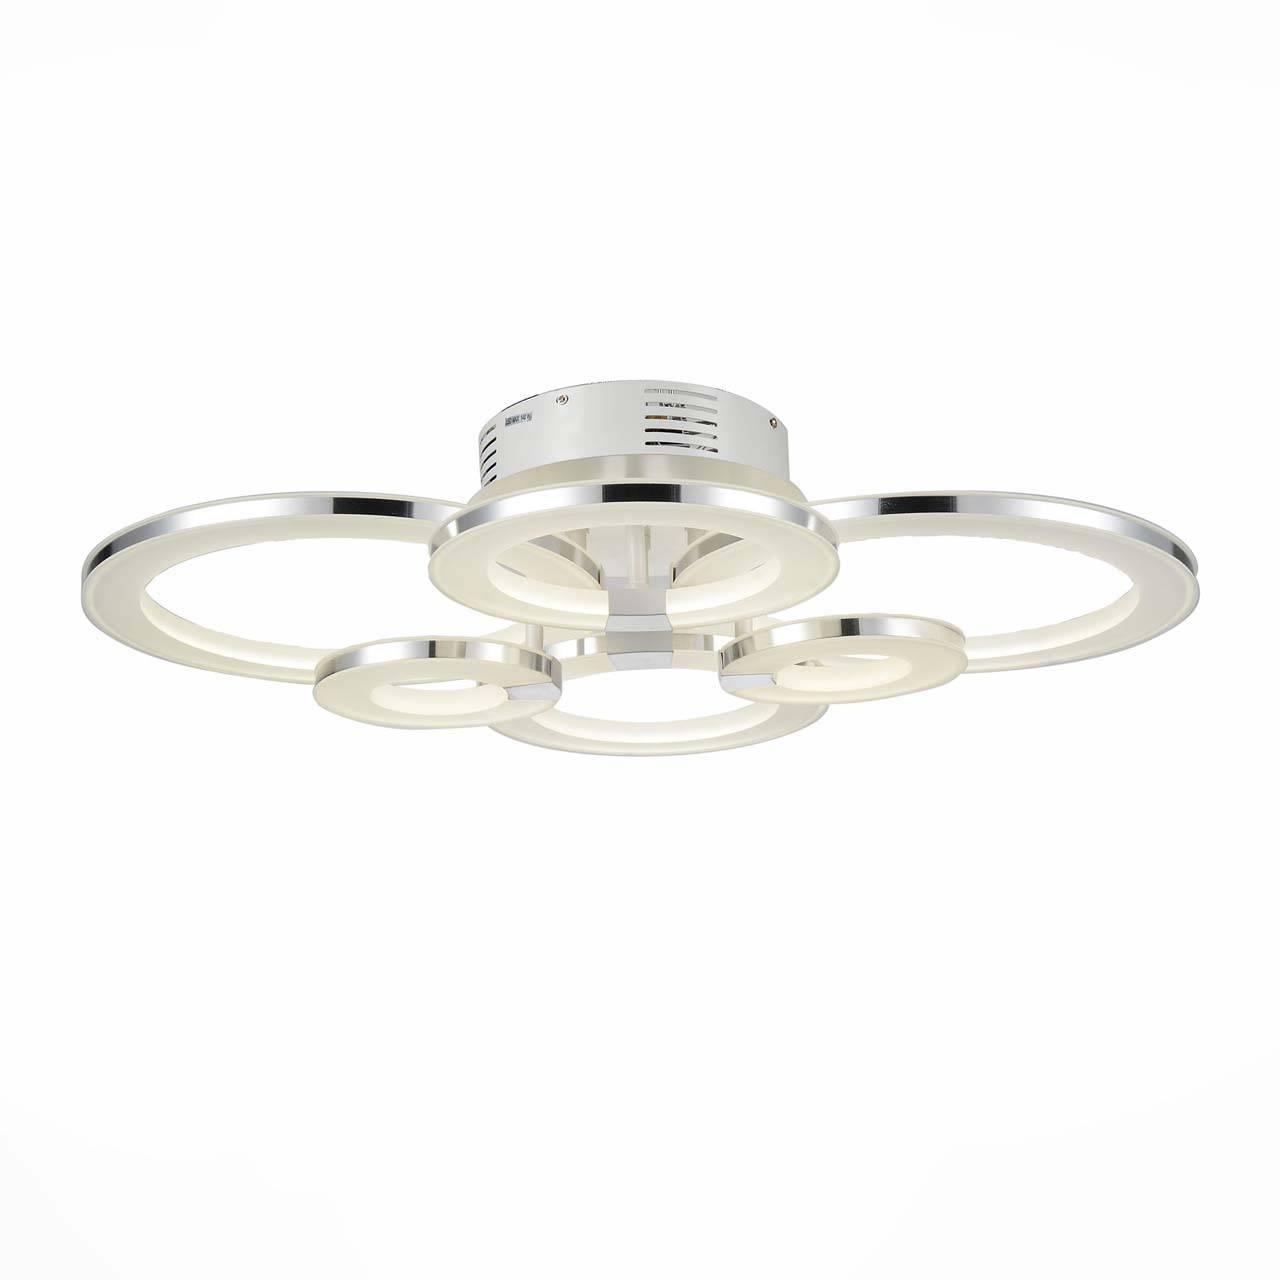 Потолочный светодиодный светильник ST Luce SL903.112.06 st luce sl536 091 01